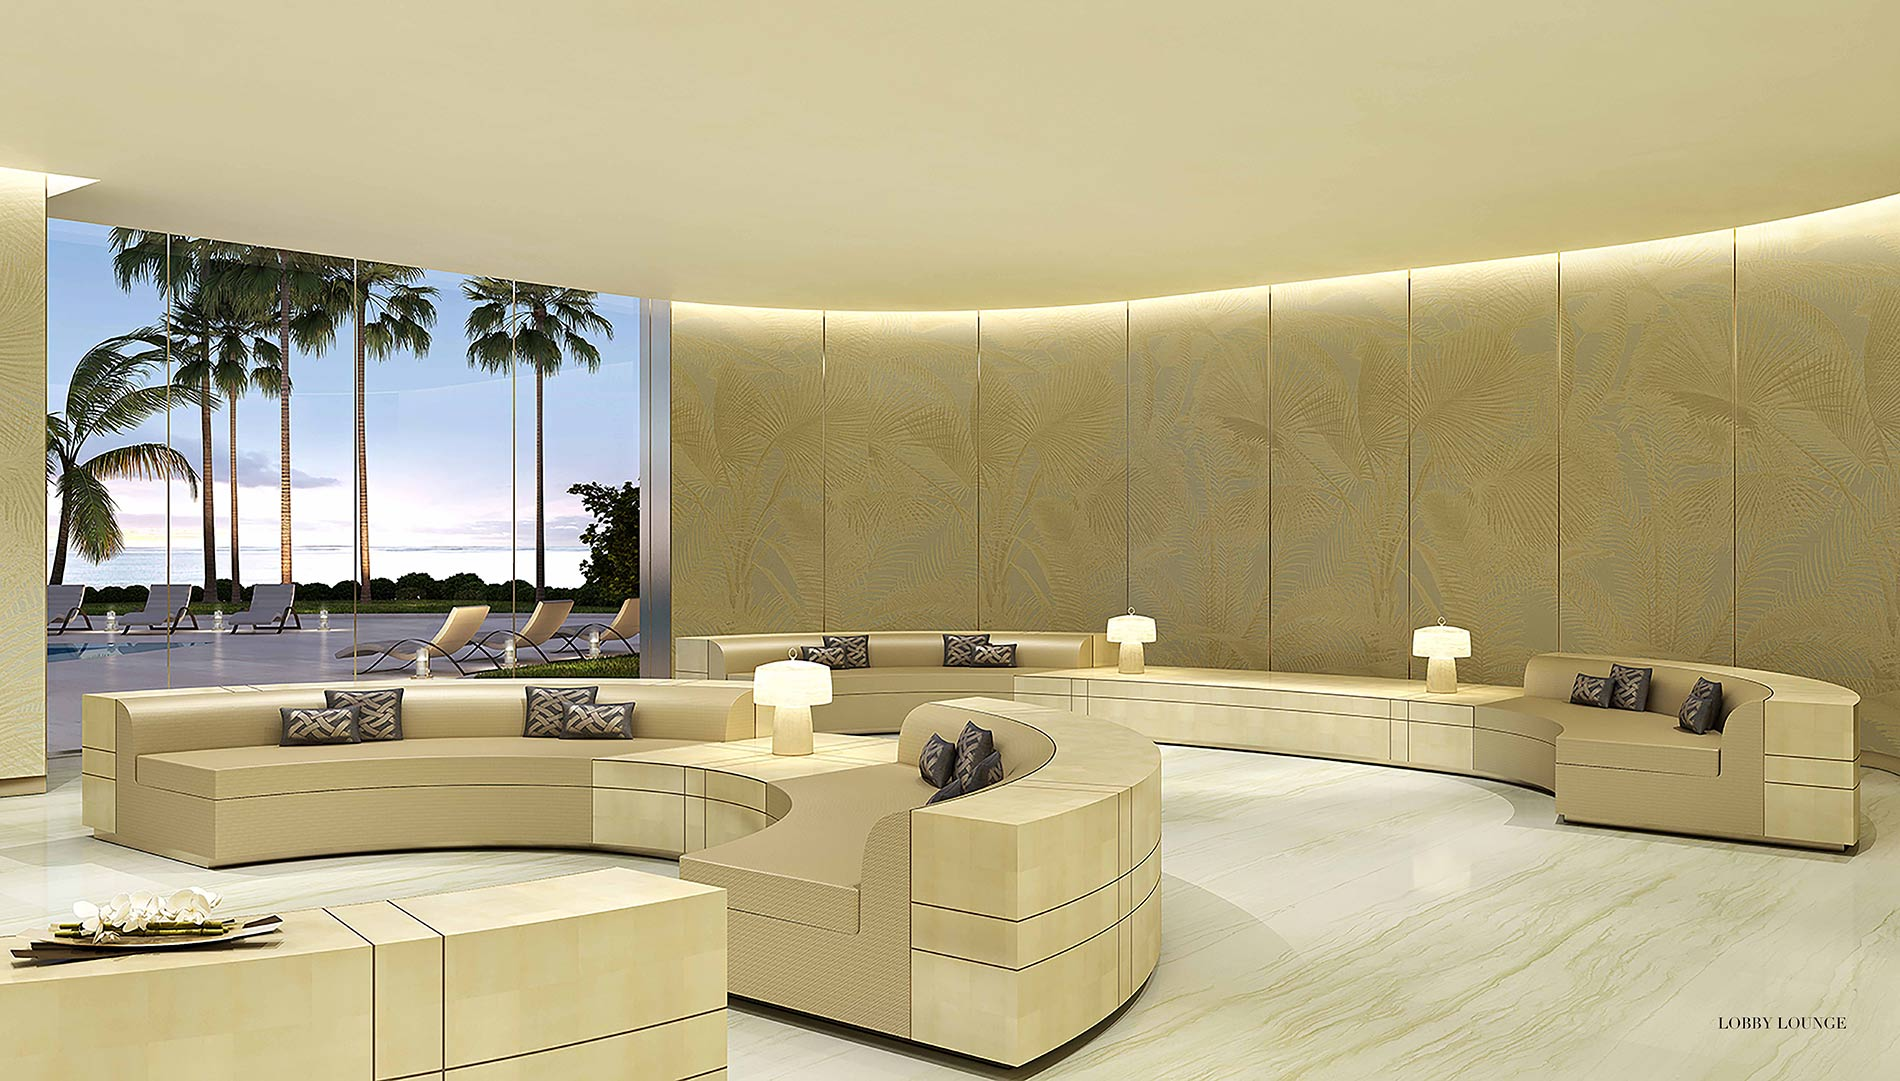 armani casa miami luxury real estate 1 855 756 4264